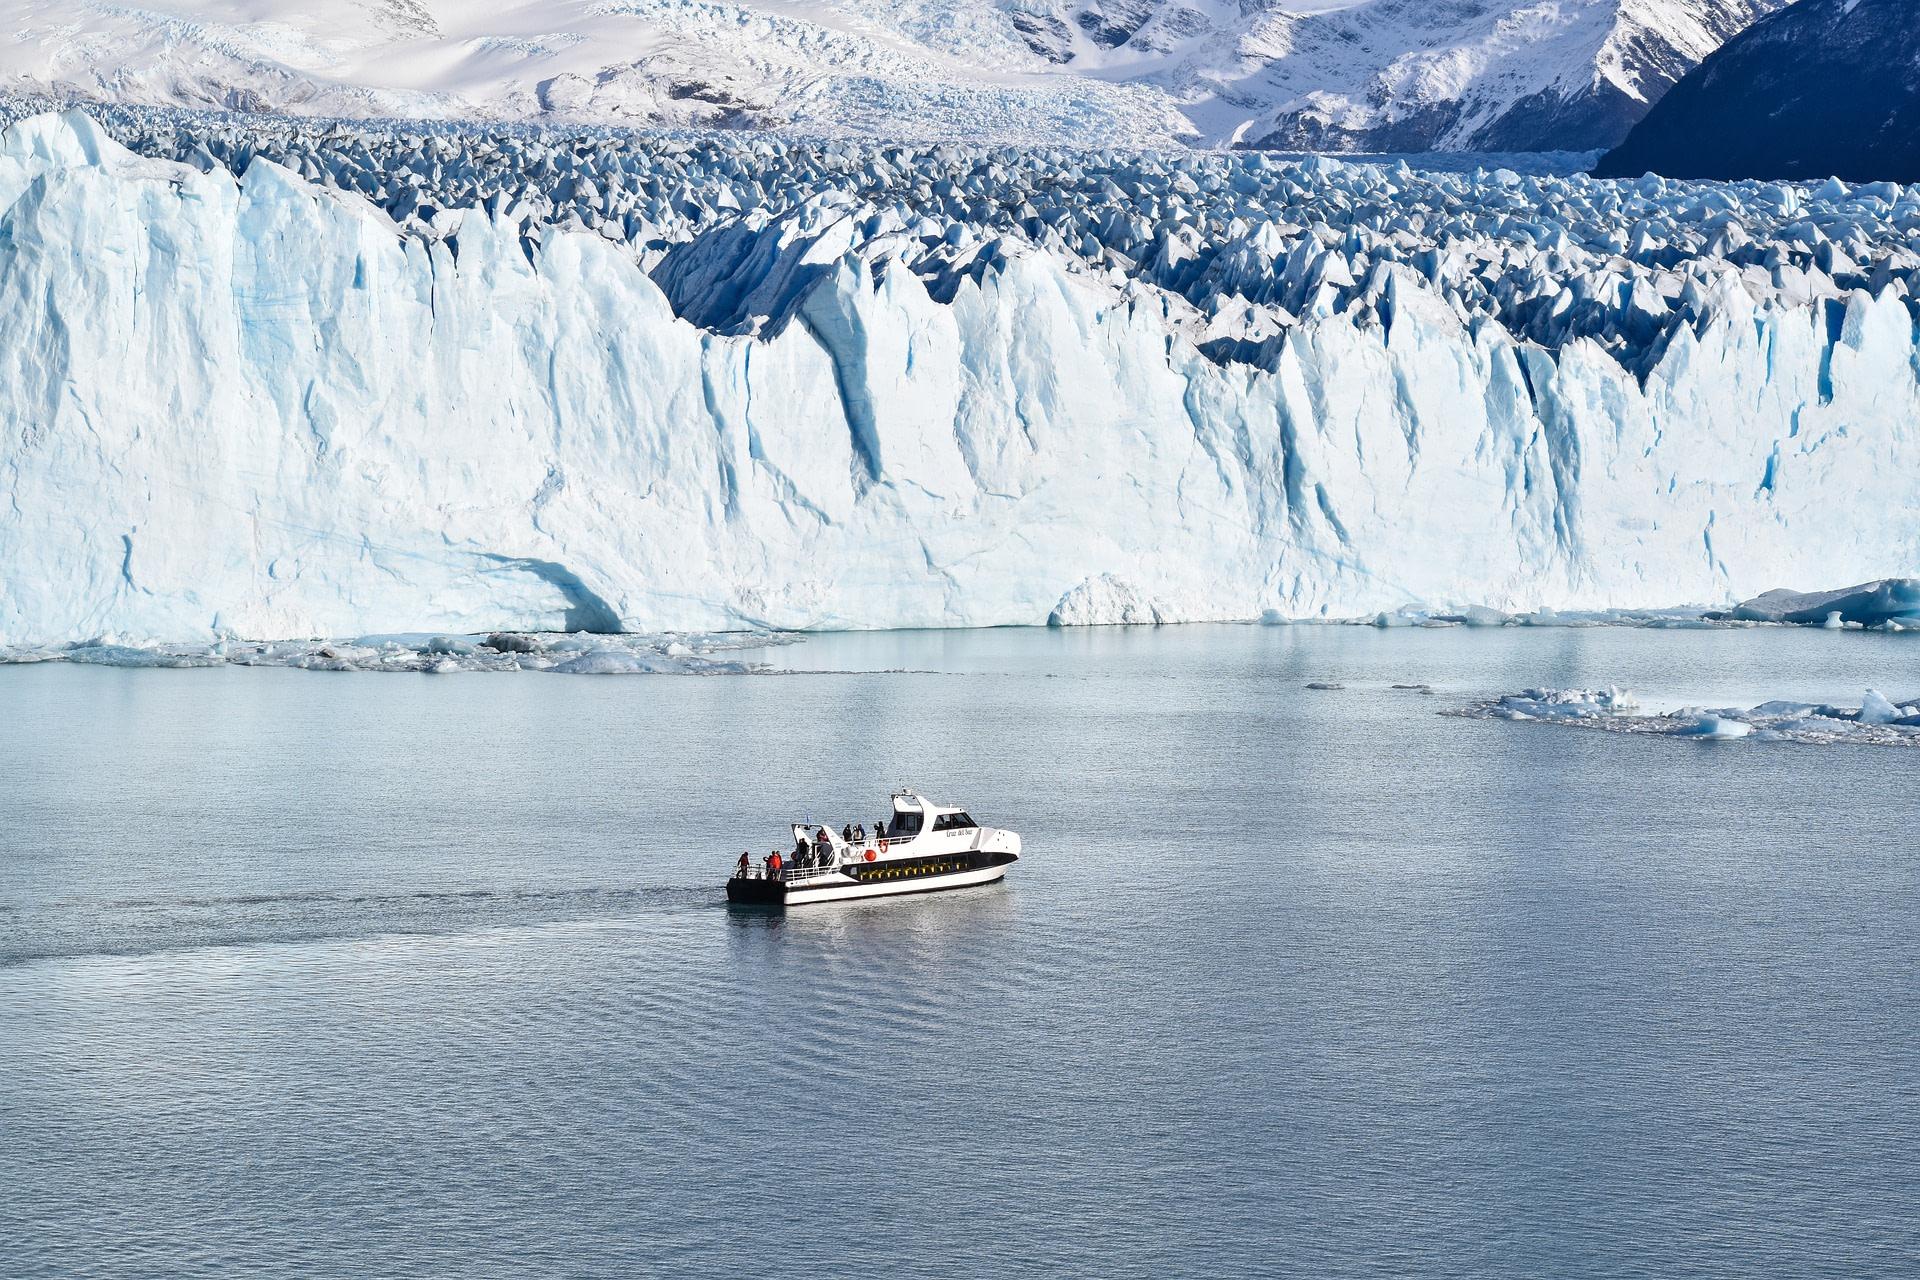 glacier-3525242_1920